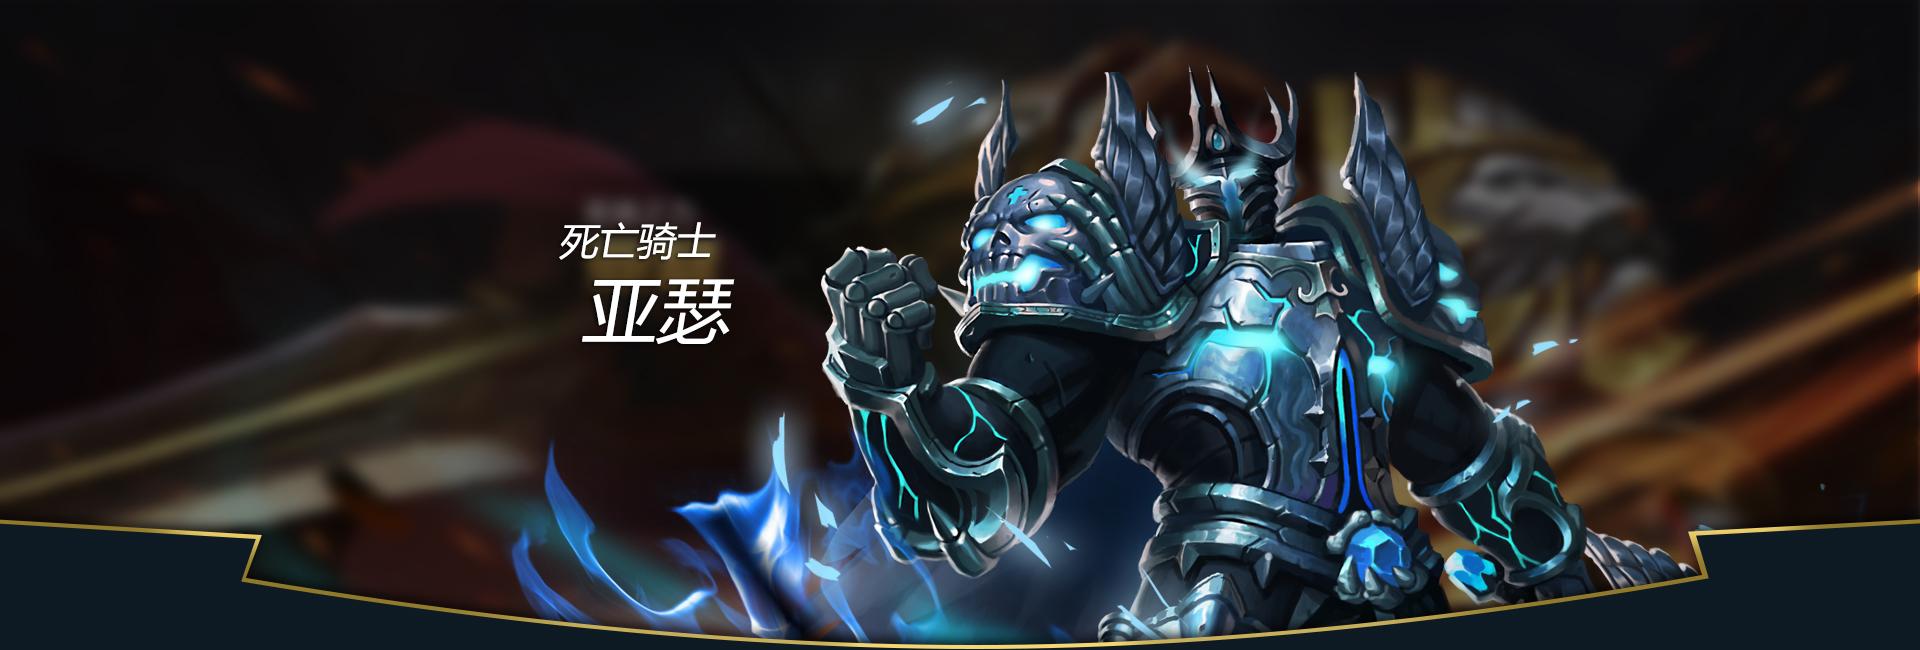 第2弹《王者荣耀英雄皮肤CG》竞技游戏126